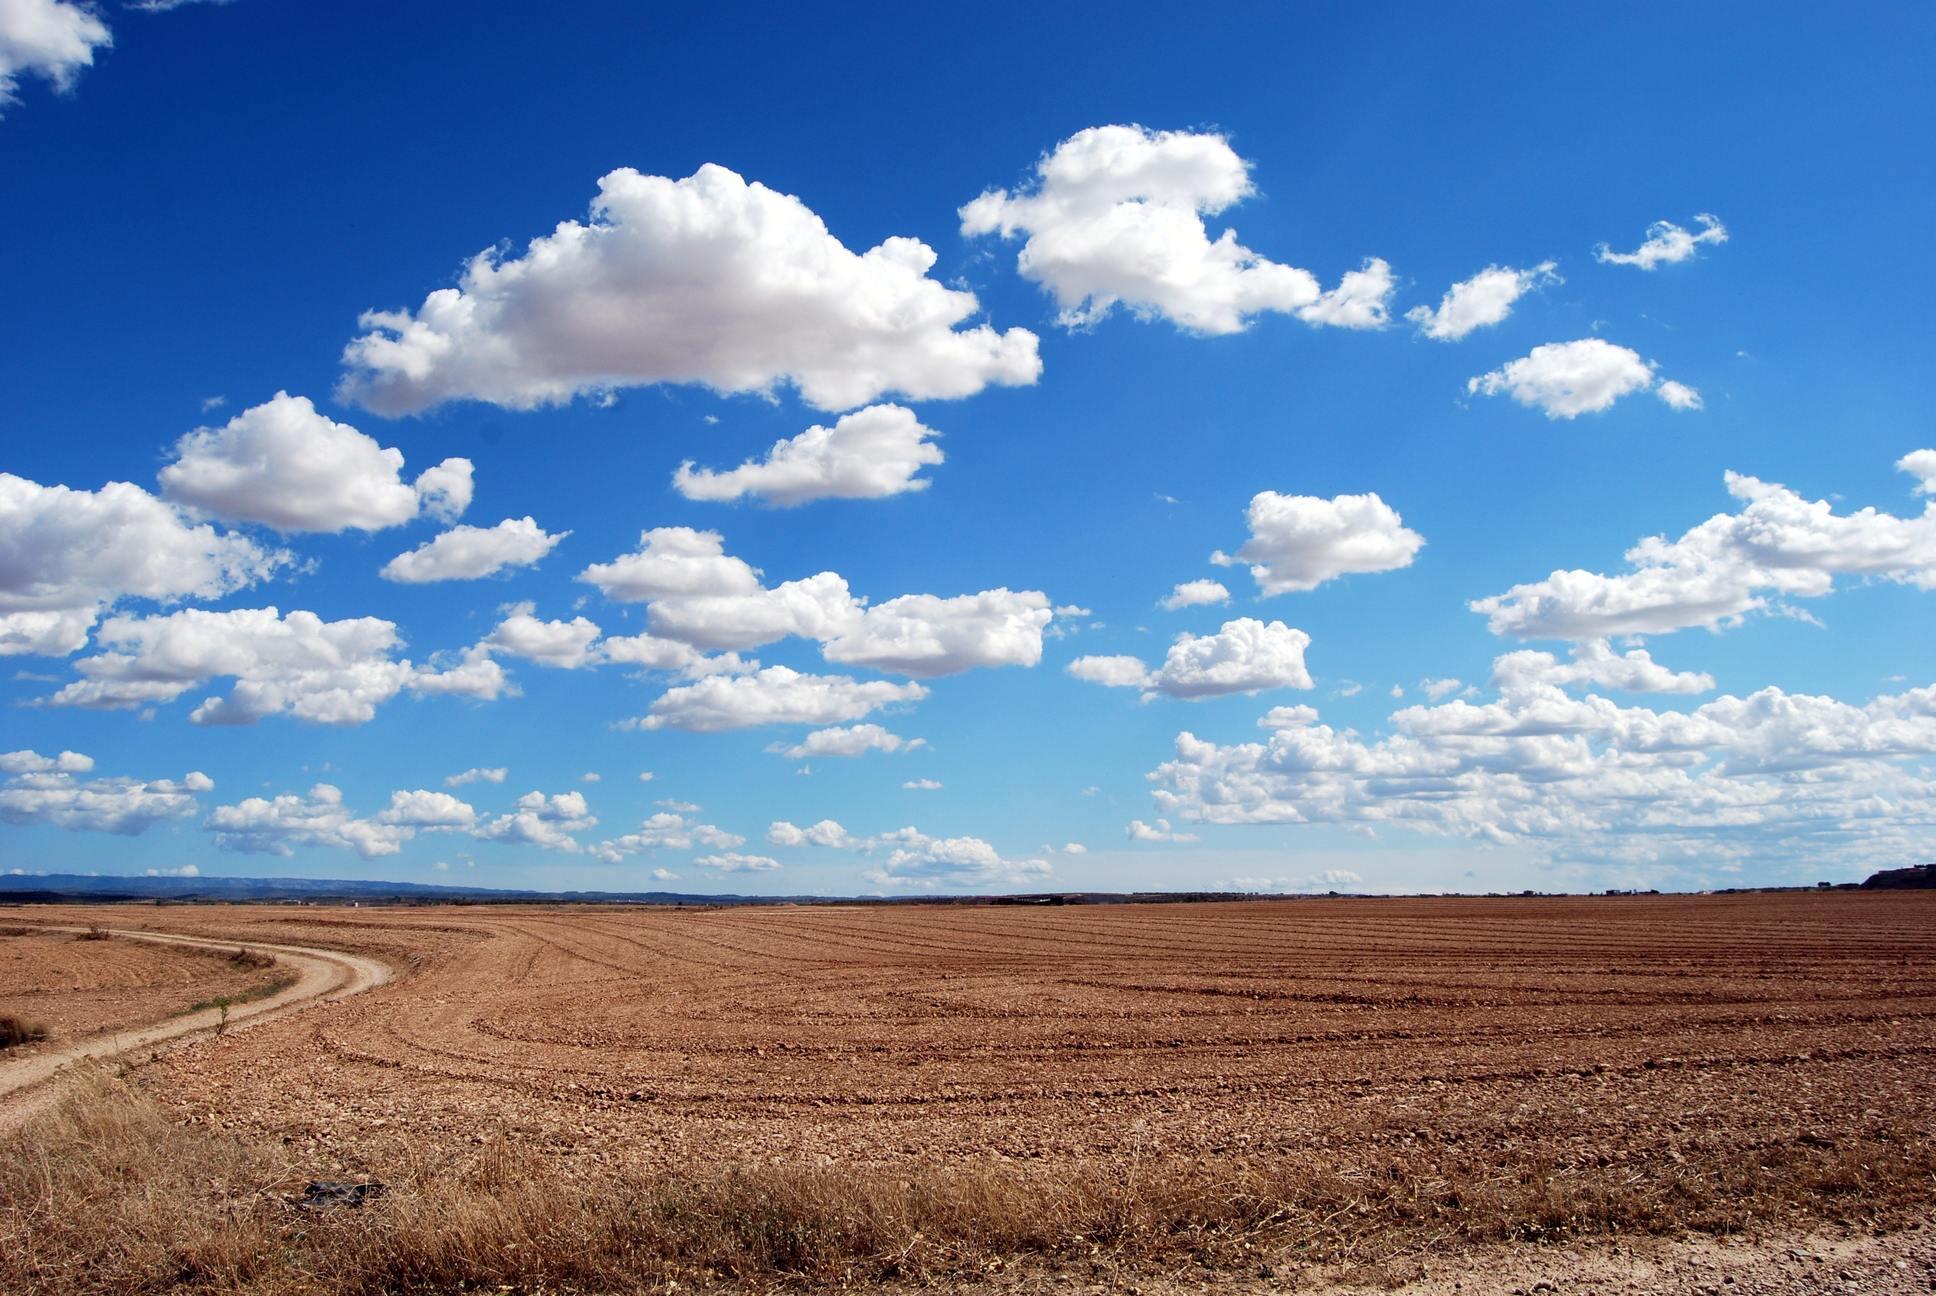 Ảnh bầu trời xanh nhiều mây